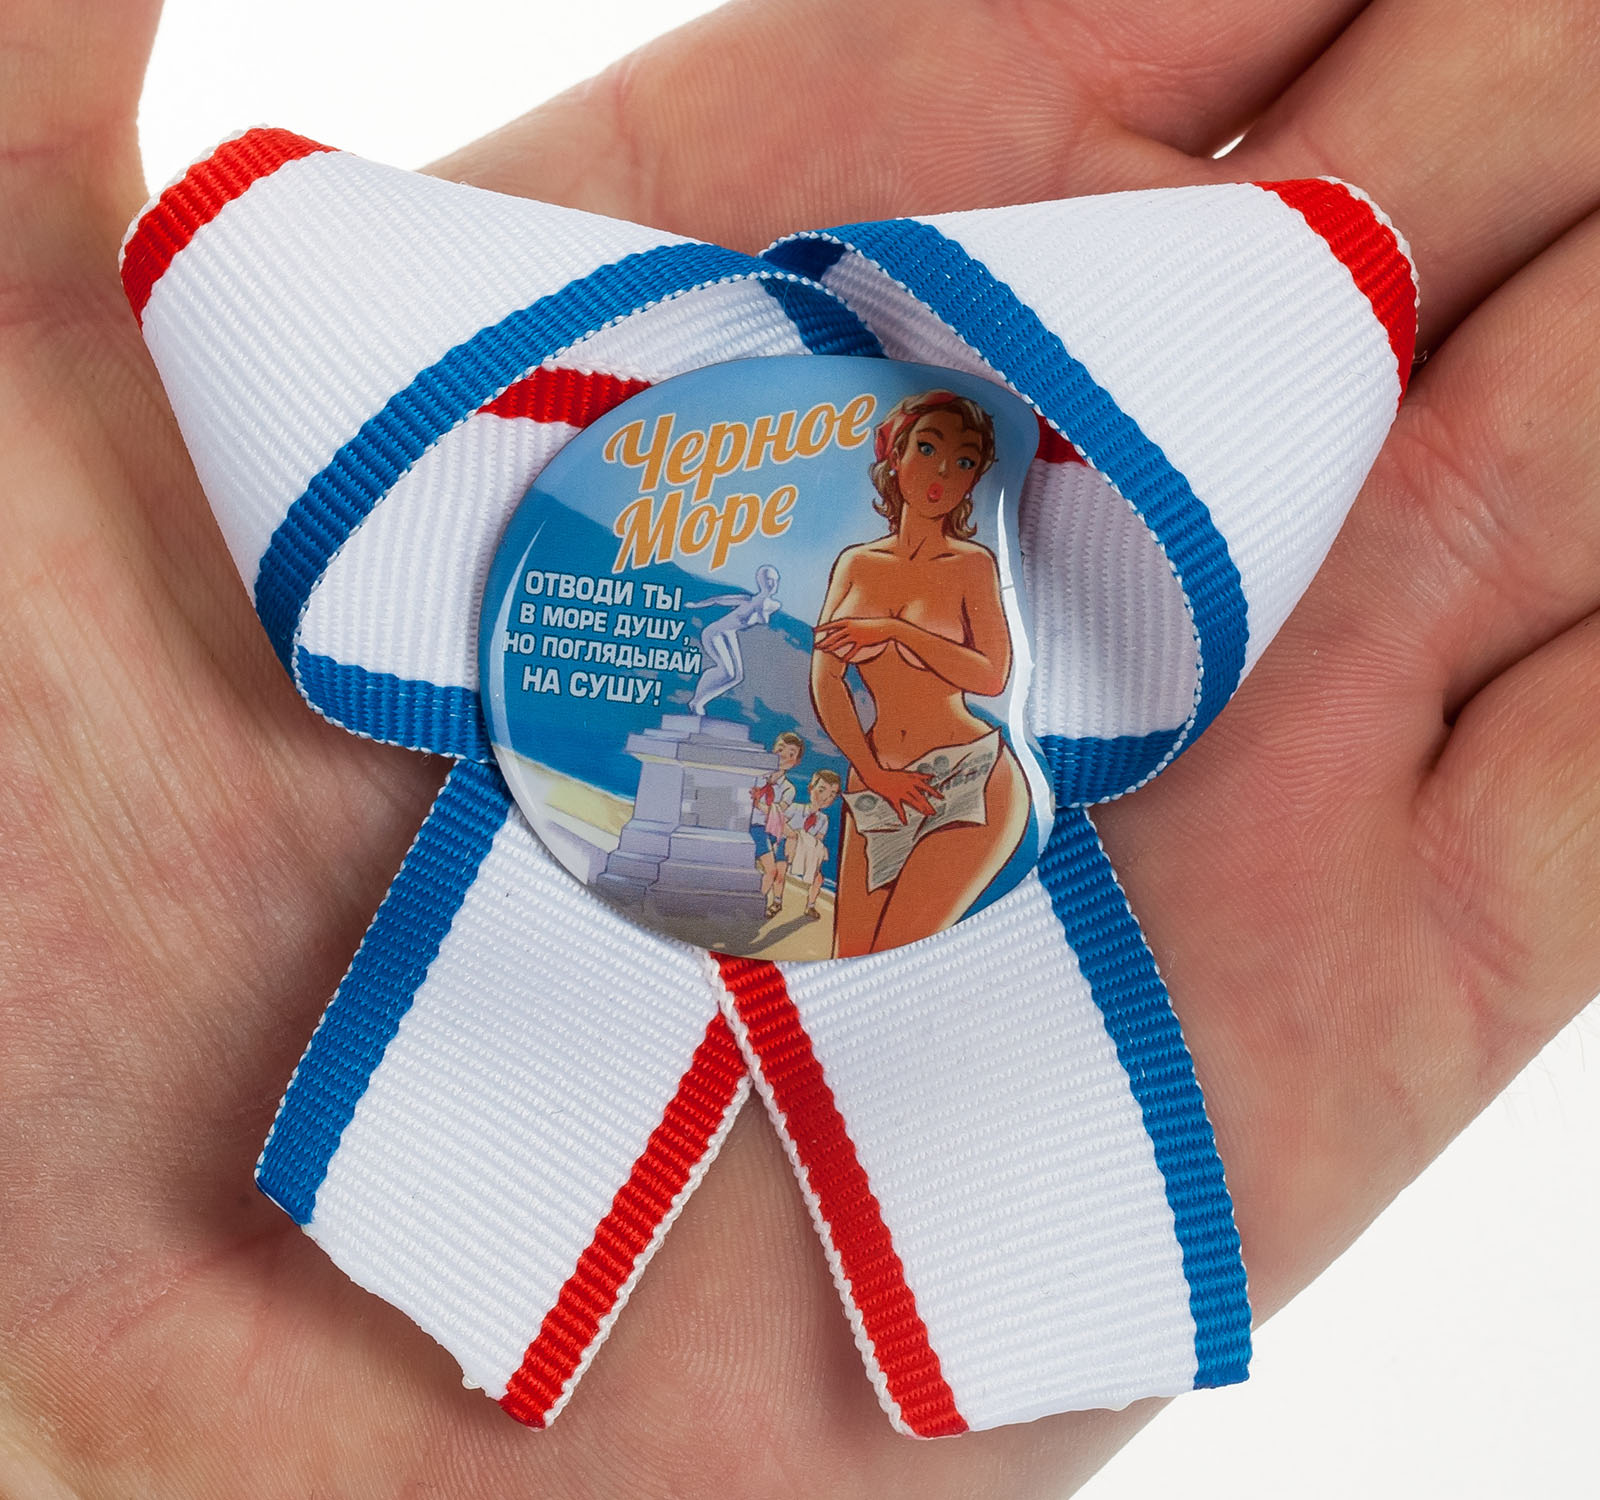 Крымские пляжные значки заказать онлайн недорого с доставкой